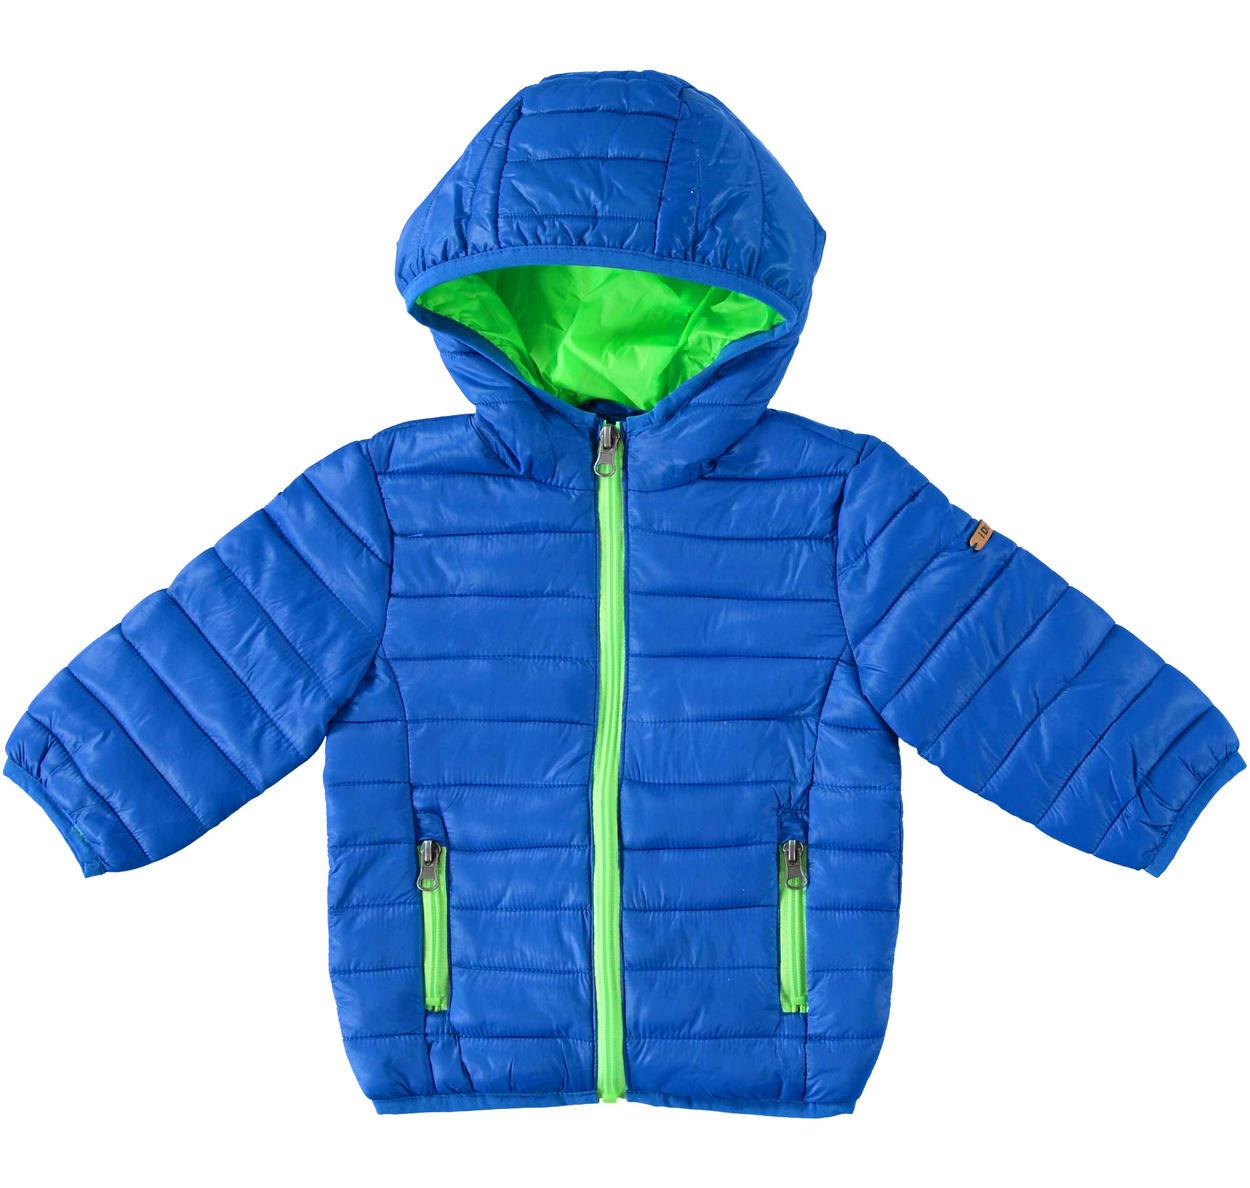 super popolare c8c15 5de64 Pratico piumino 100 grammi in nylon finitura cerata per bambino da 6 a 36  mesi iDO